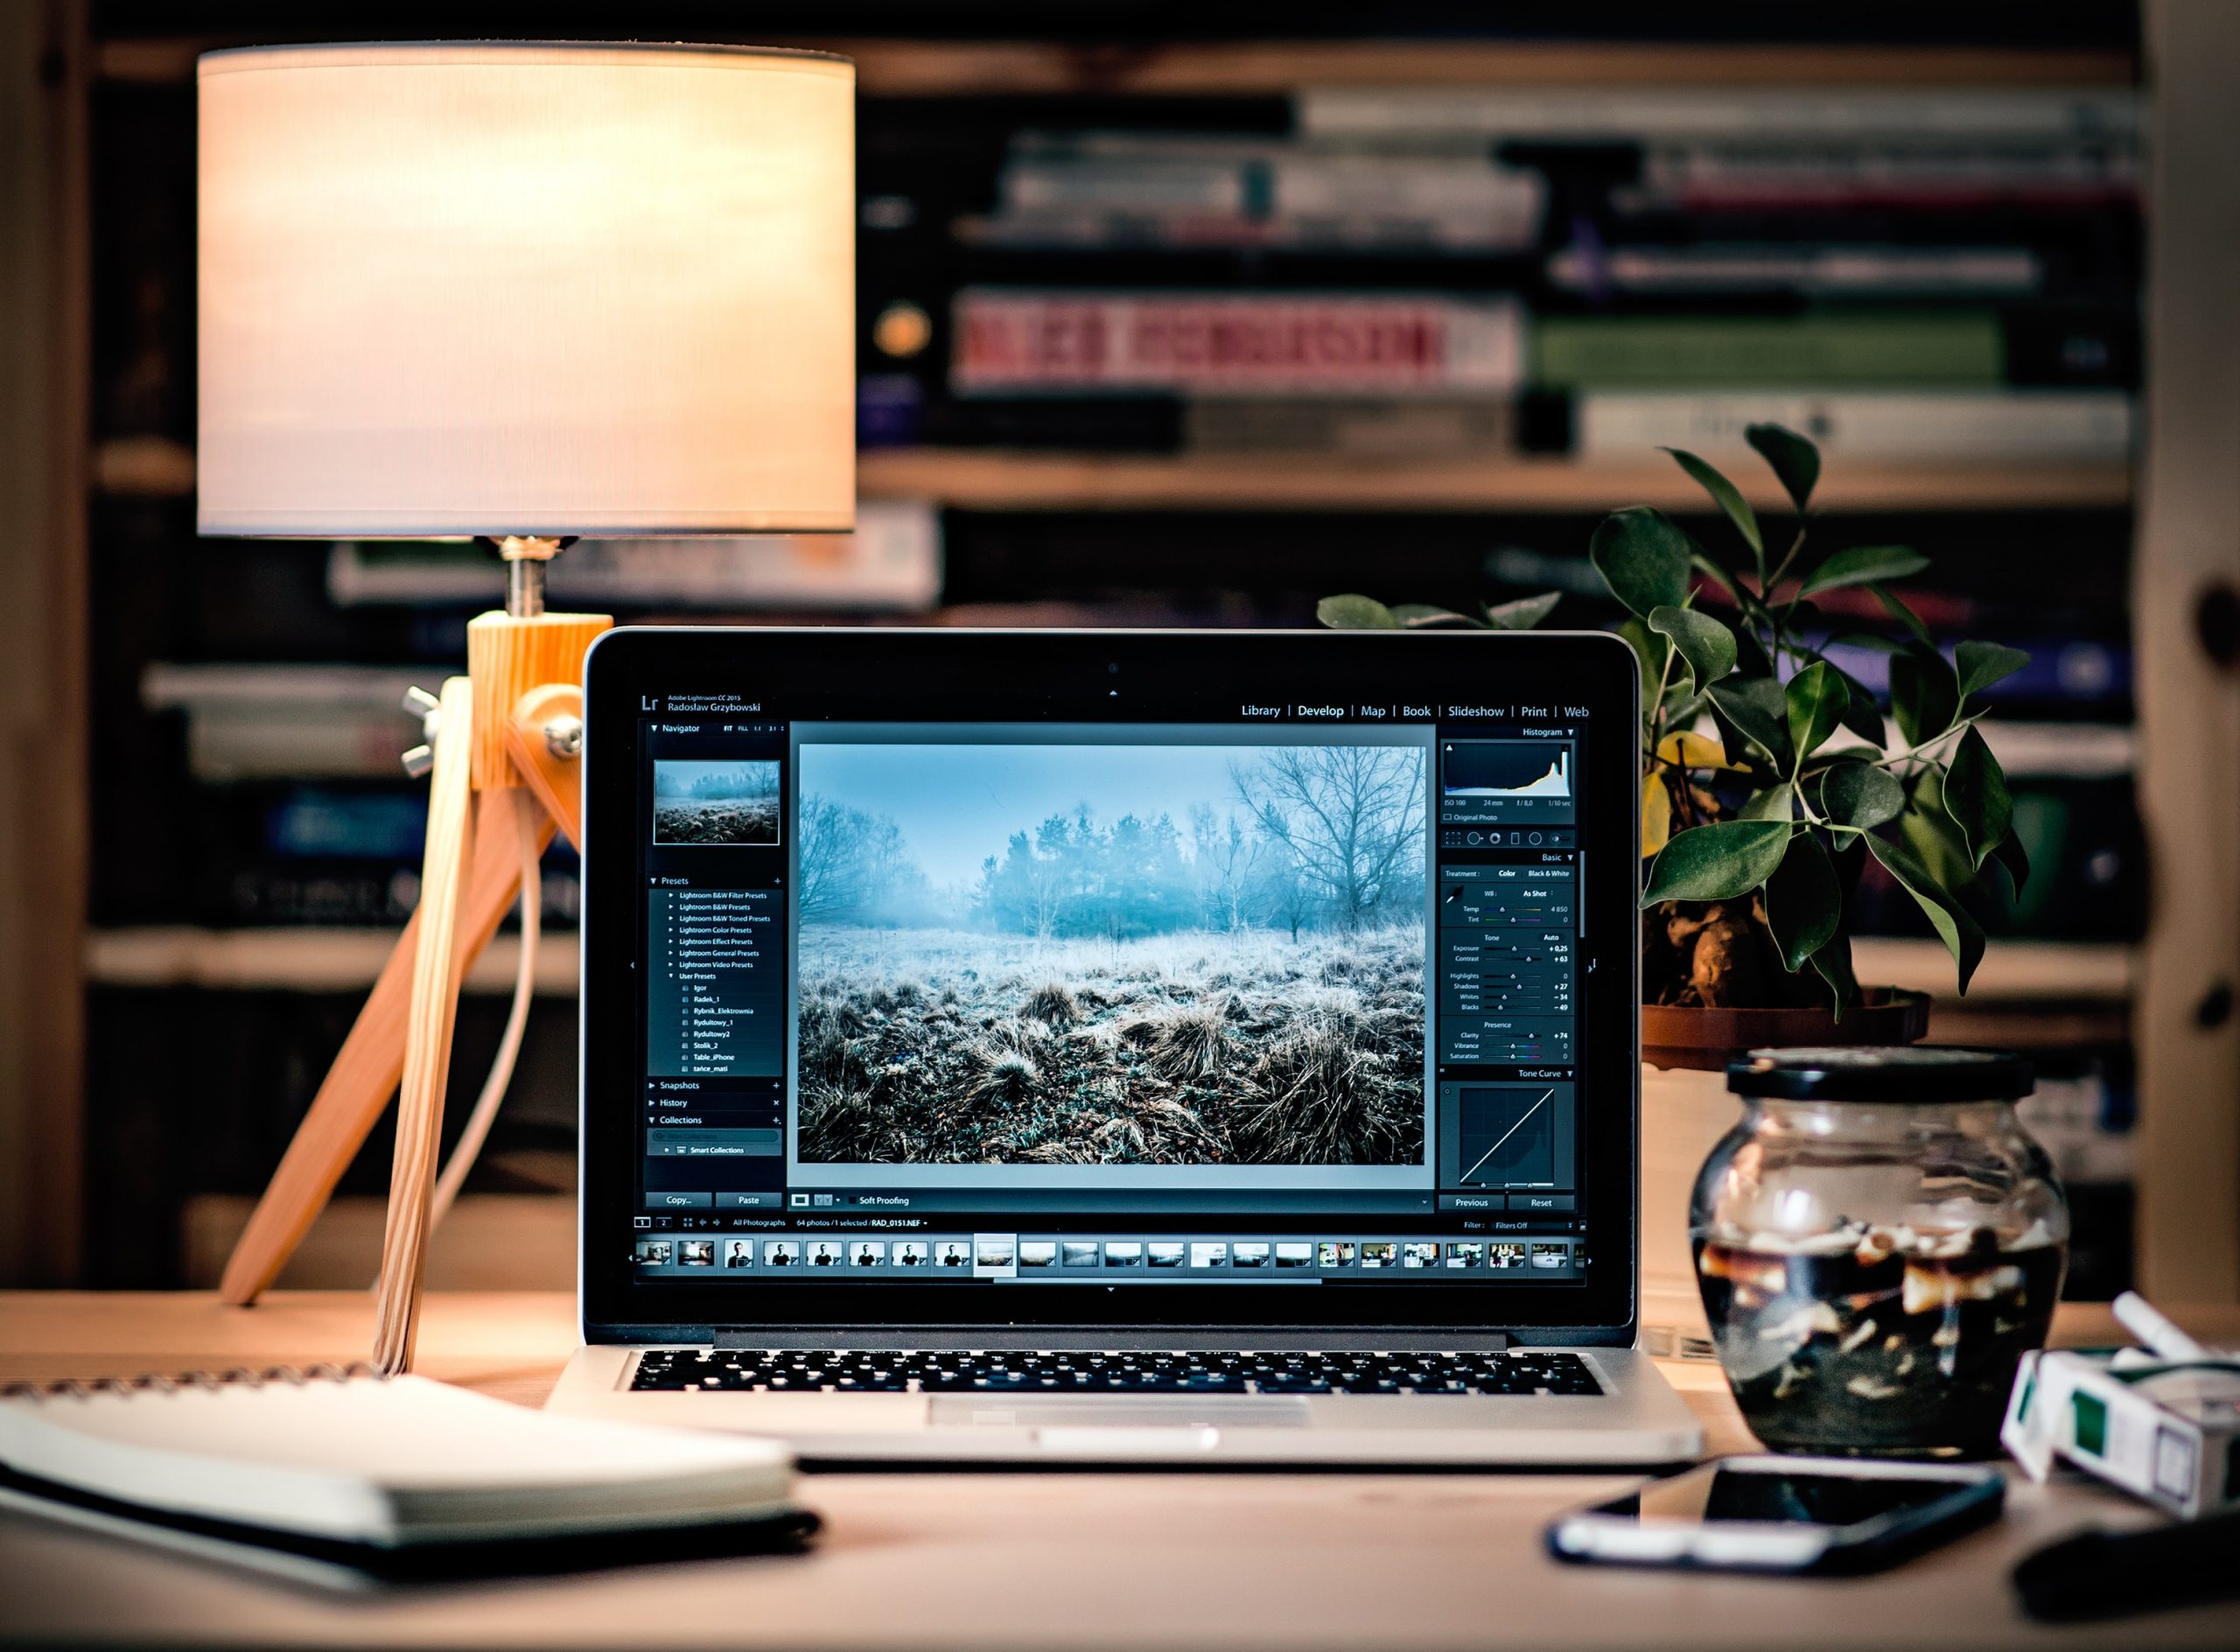 cara merekam layar laptop dengan mudah